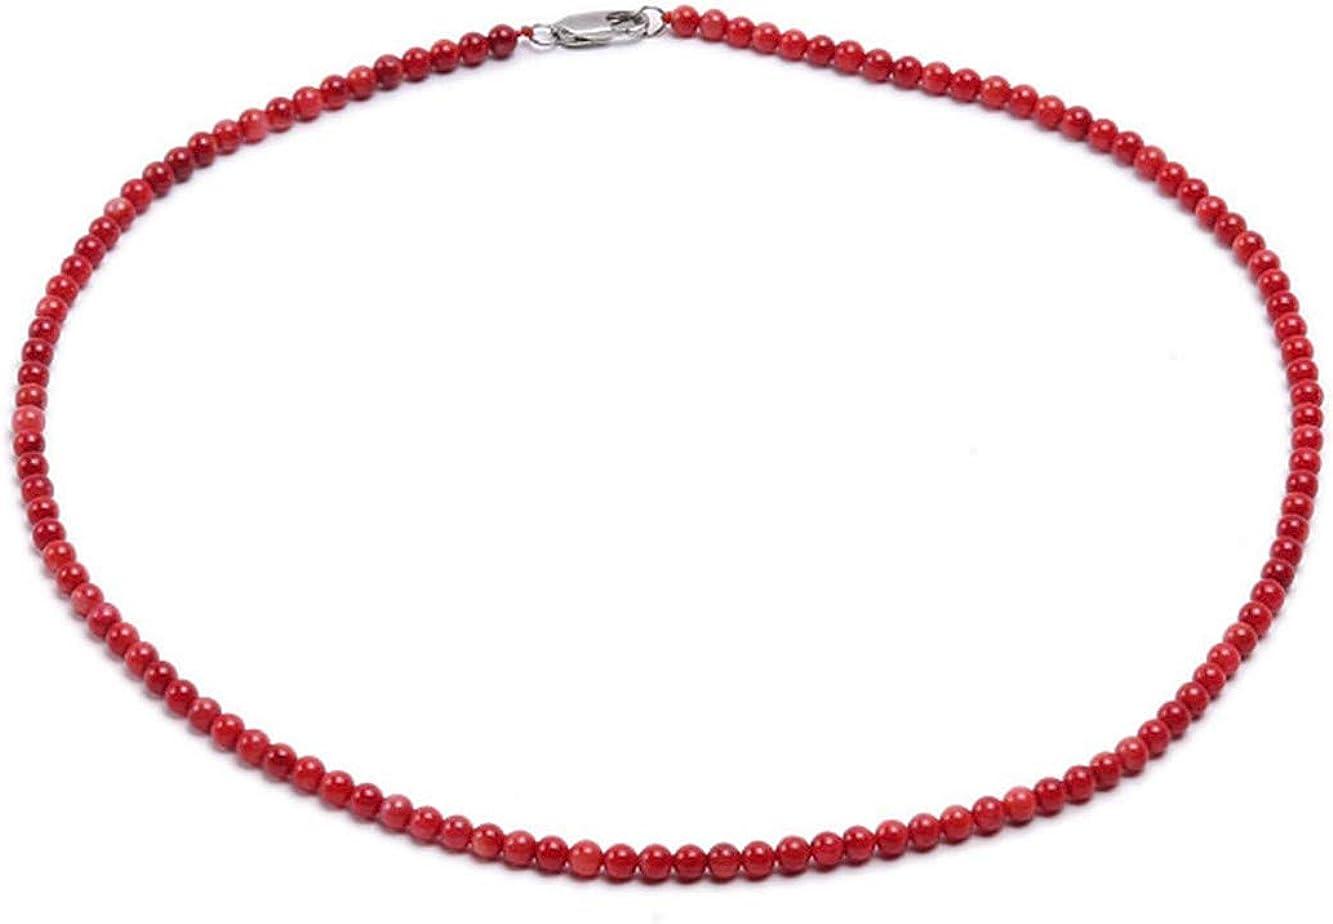 JYX Collar de coral para mujer, pequeño, 4 mm, rojo, redondo, con cuentas de coral de una hebra y collar de 44,4 cm